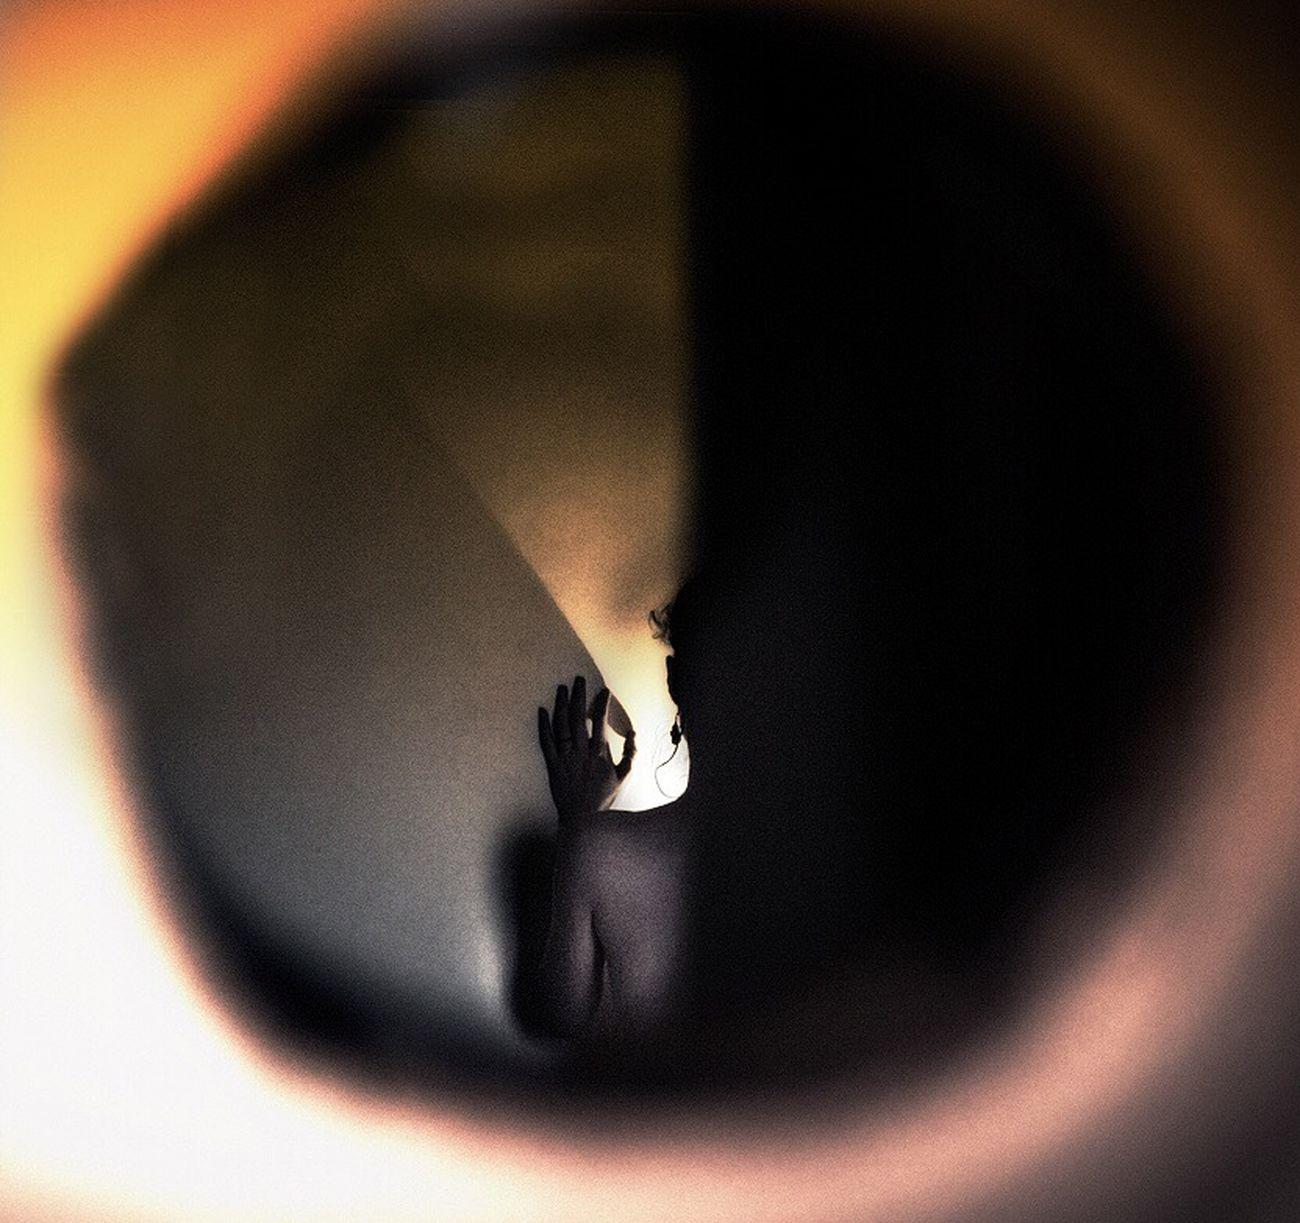 Stage Fright Ginnaalvarez Ginna álvarez That's Me Self Portrait Shadow Peeking Circle Fragile